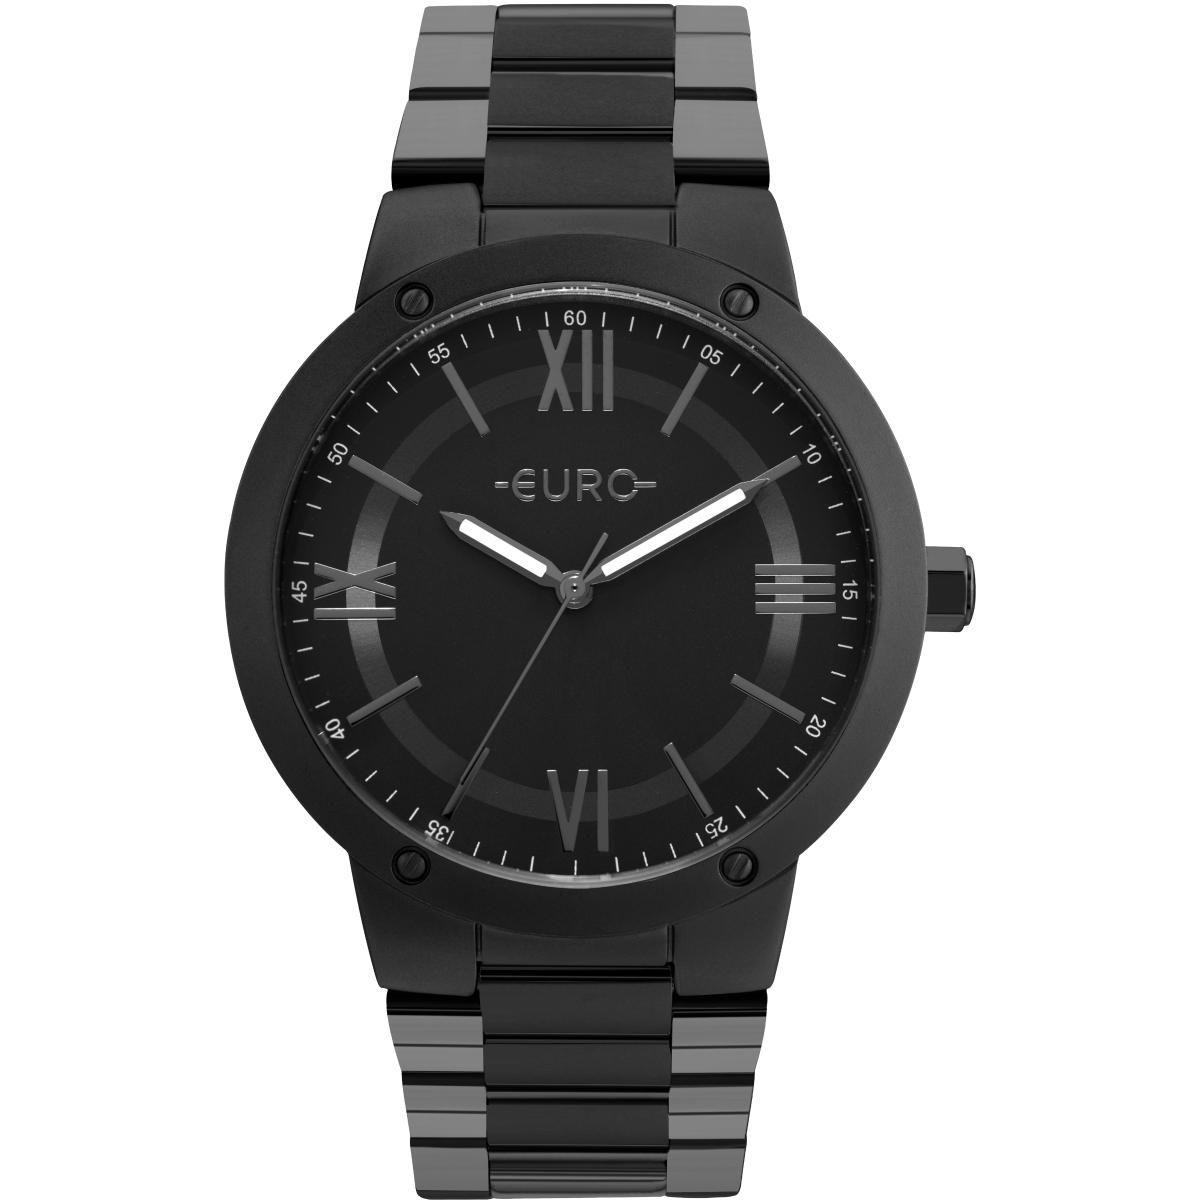 69061c43539e2 Relógio Feminino Euro EU2035YMV 4P Pulseira Aço Preta - Vitrino Relógios